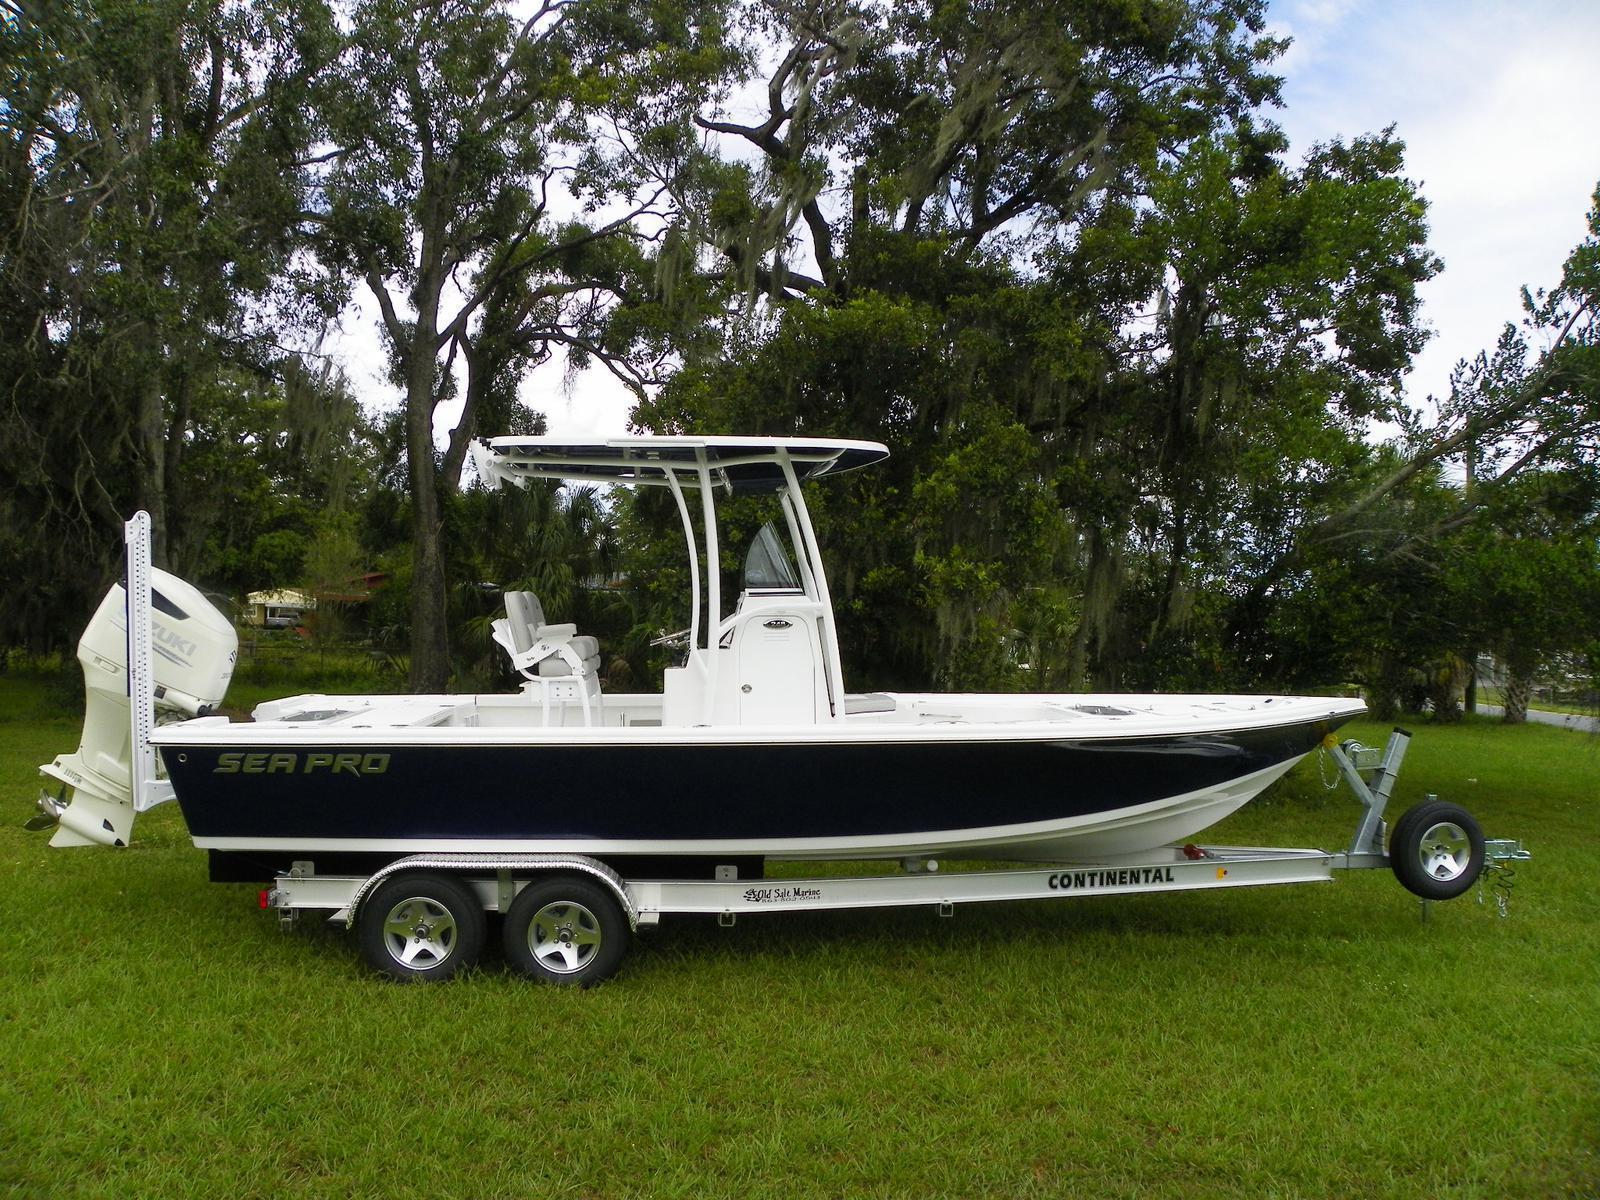 Sea Pro 248 DLX BAY